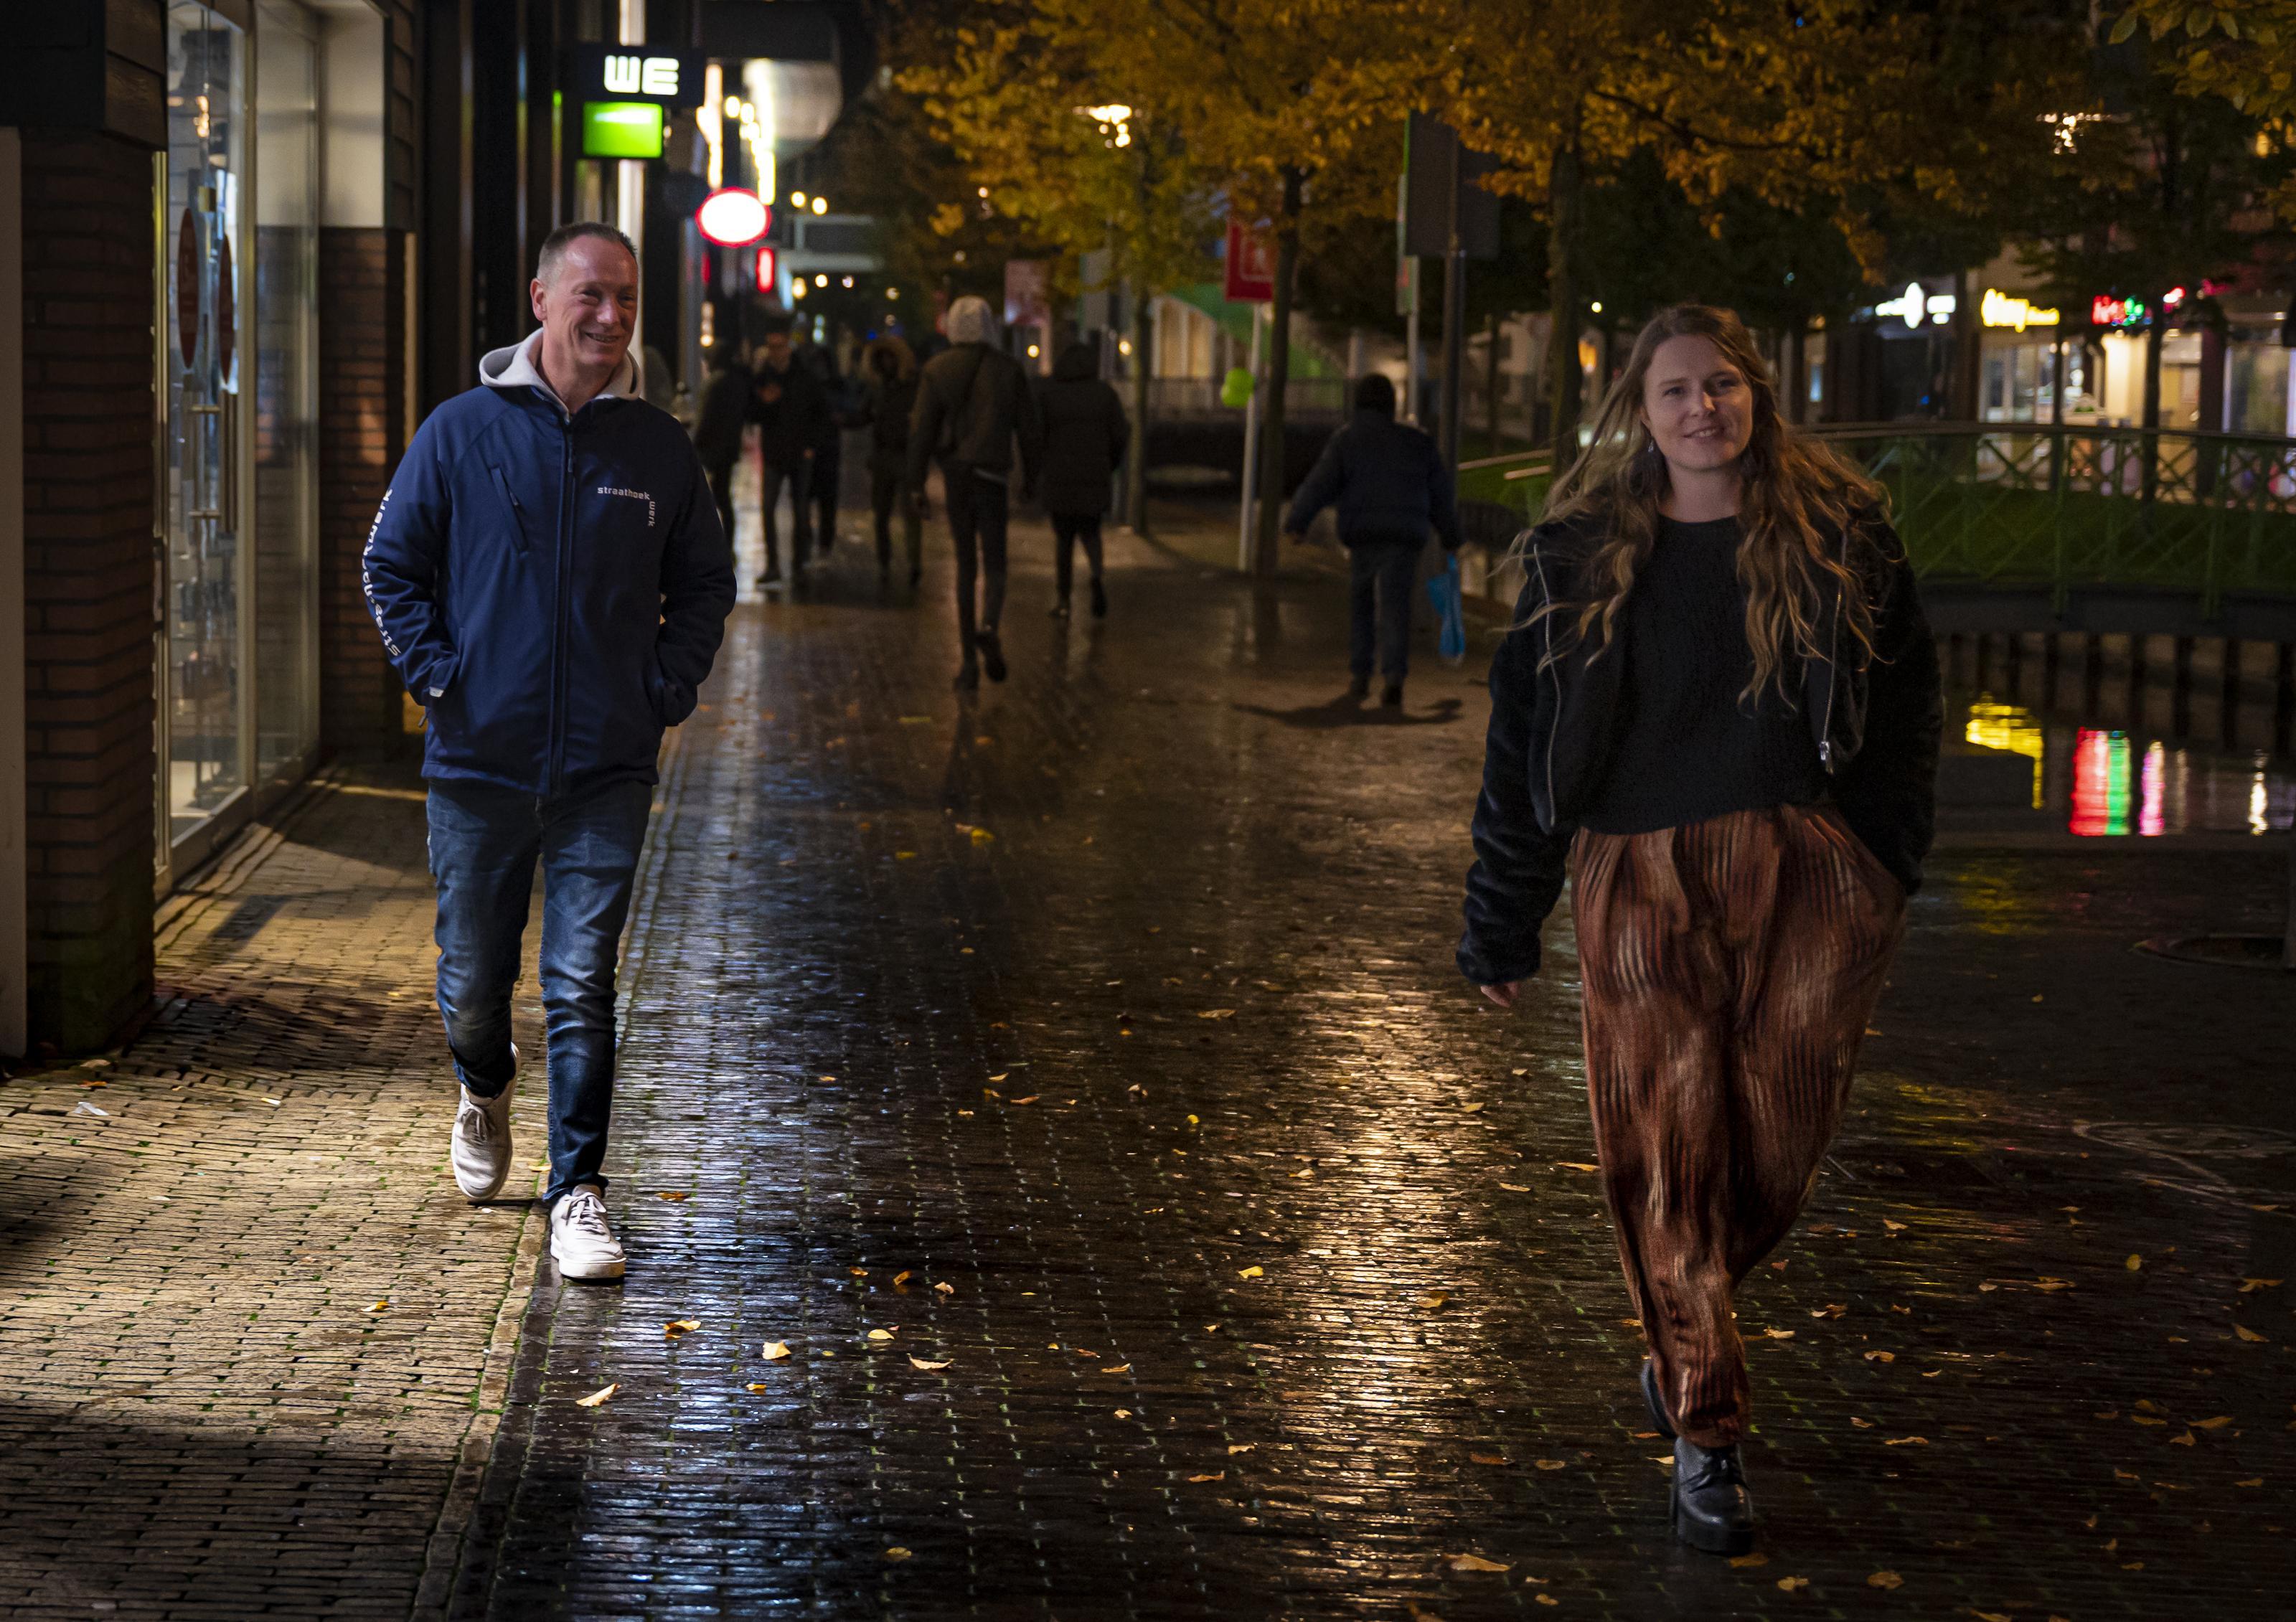 'Toen ik vrienden stuk zag gaan, dacht ik: nee, dit is niet voor mij bro': op jacht naar jonge lachgasgebruikers in Koog aan de Zaan